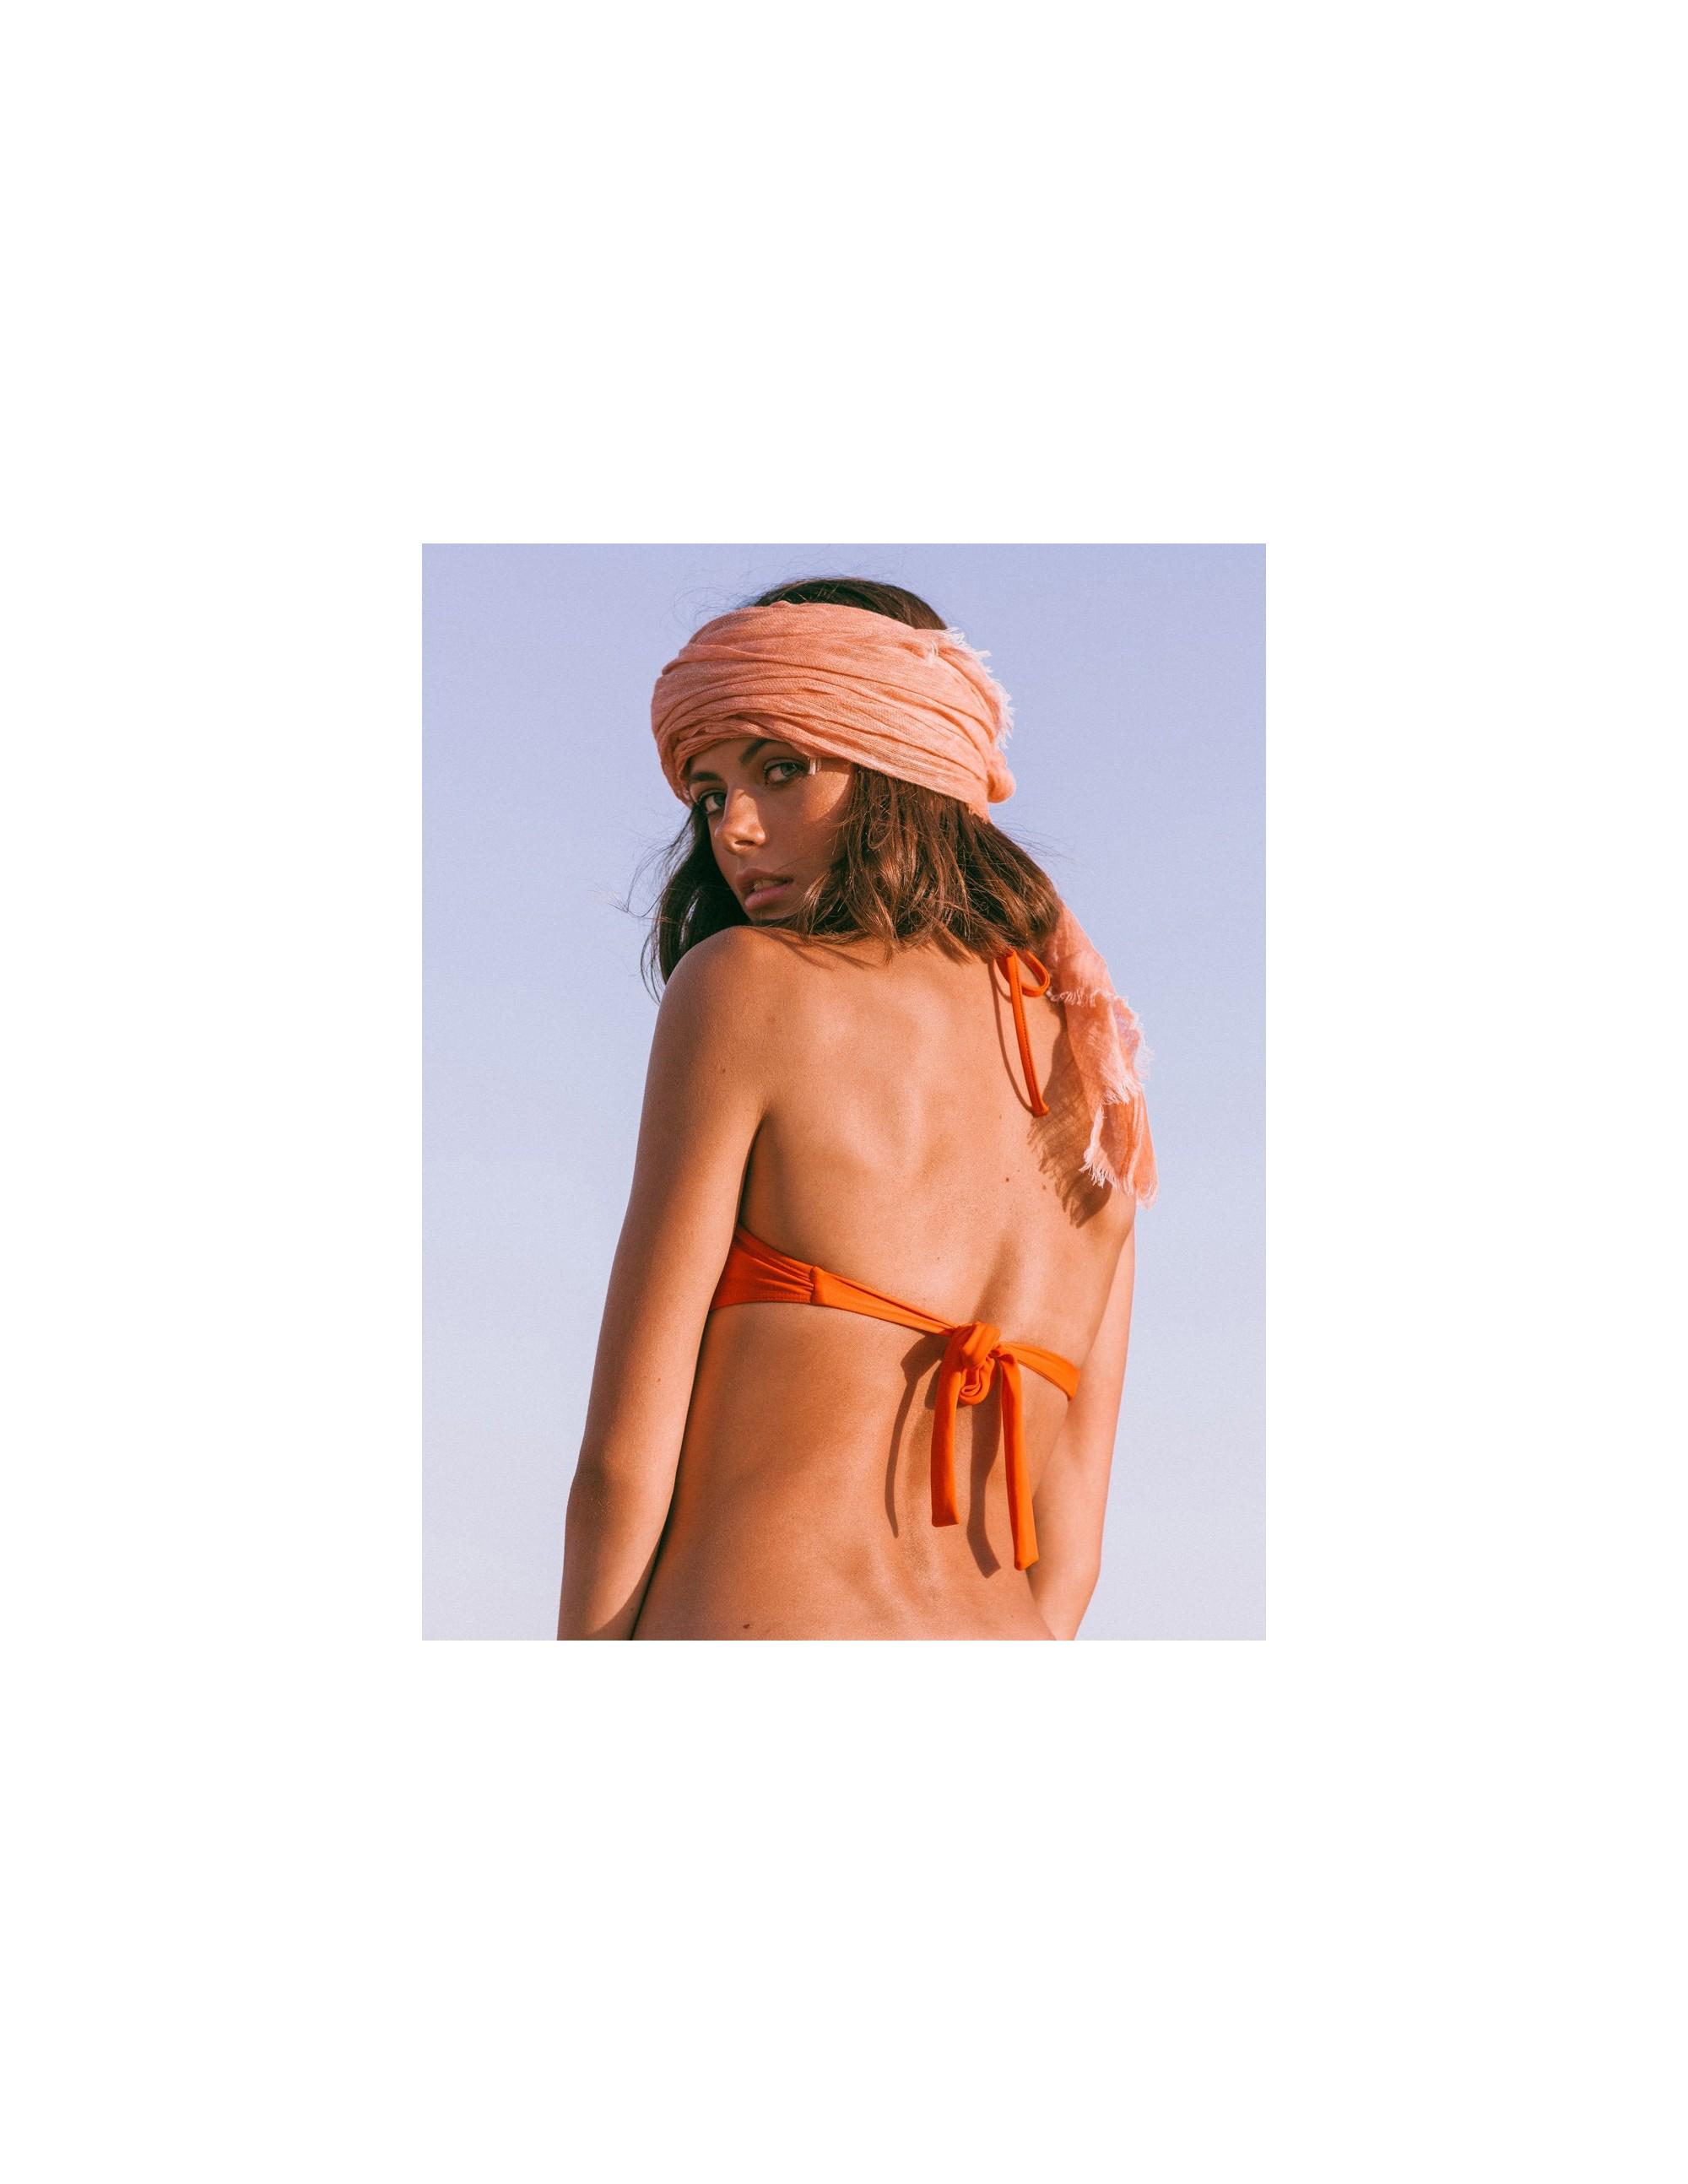 SAONA bikini top - CHARACTER RED